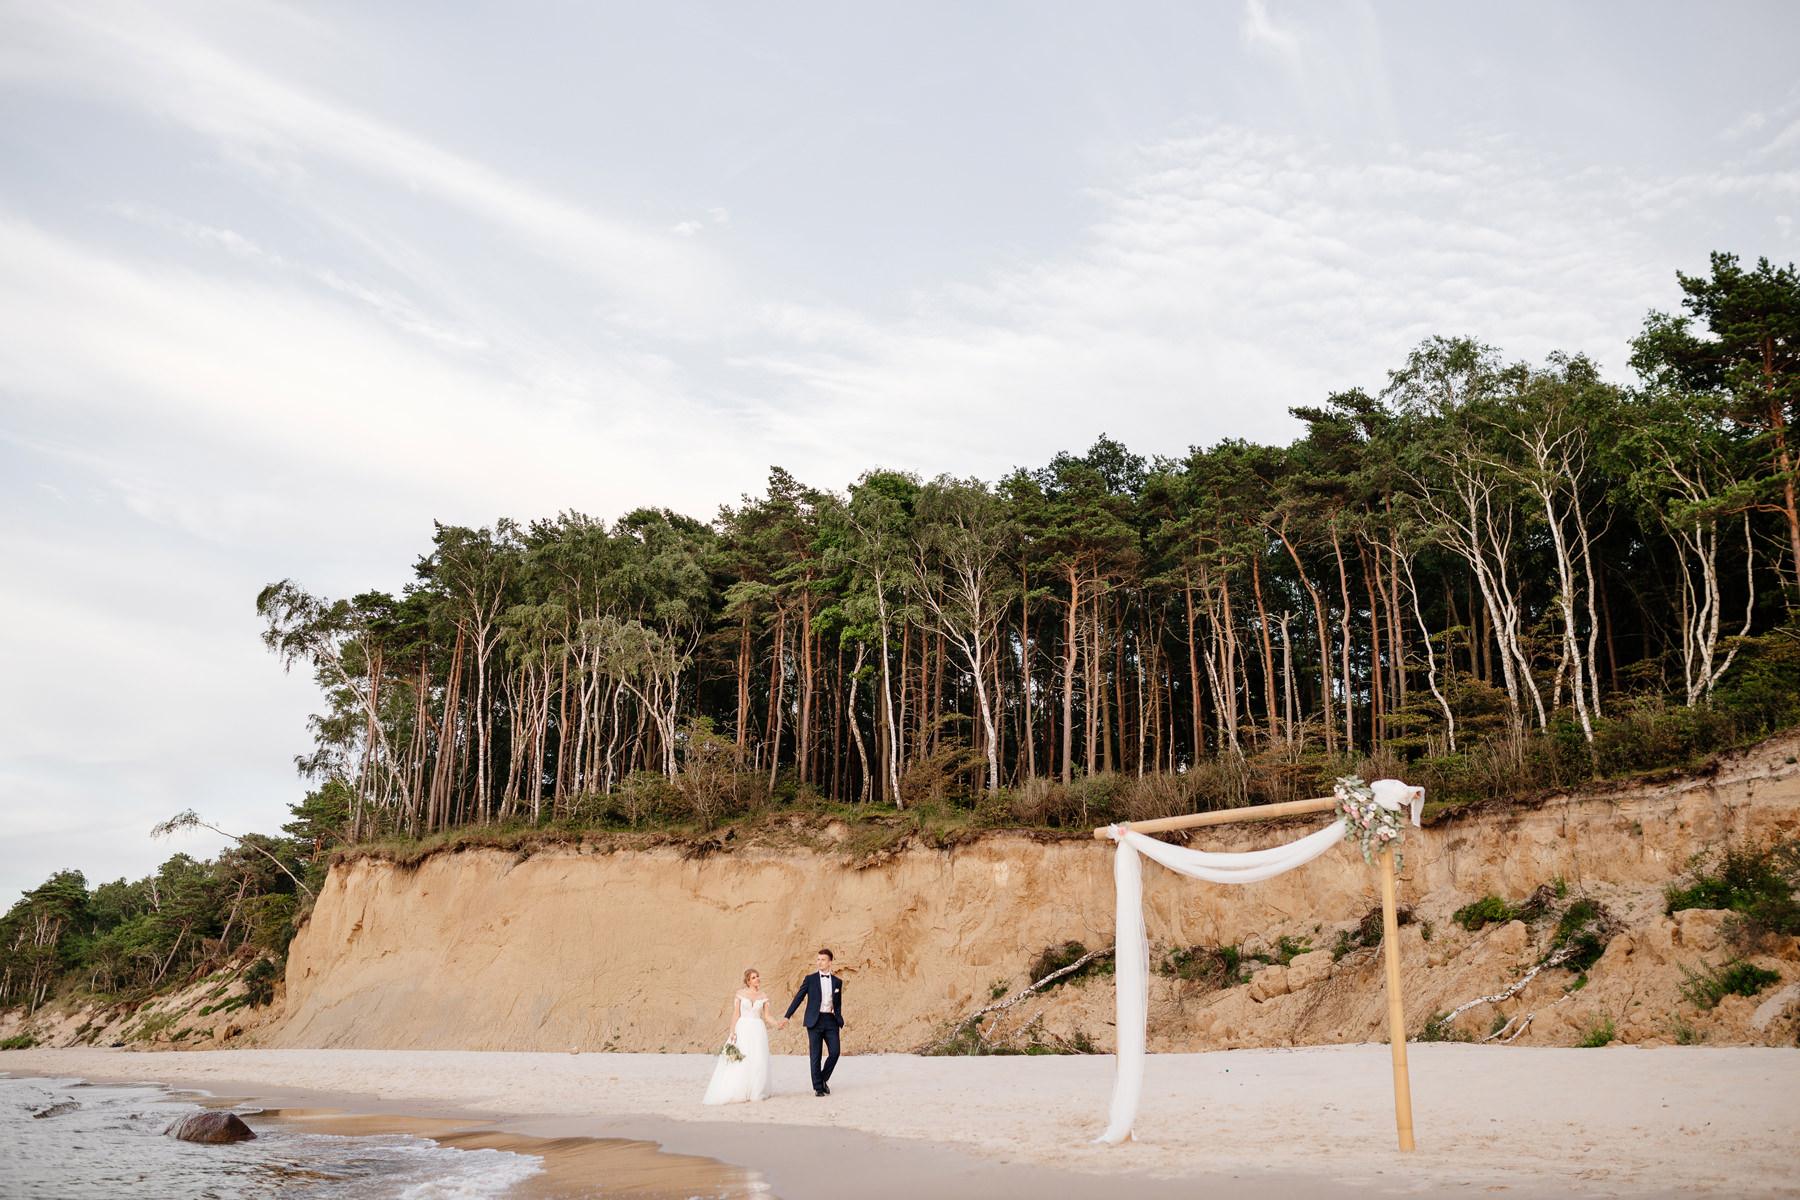 sesja ślubna nad morzem, bałtyckie plaże